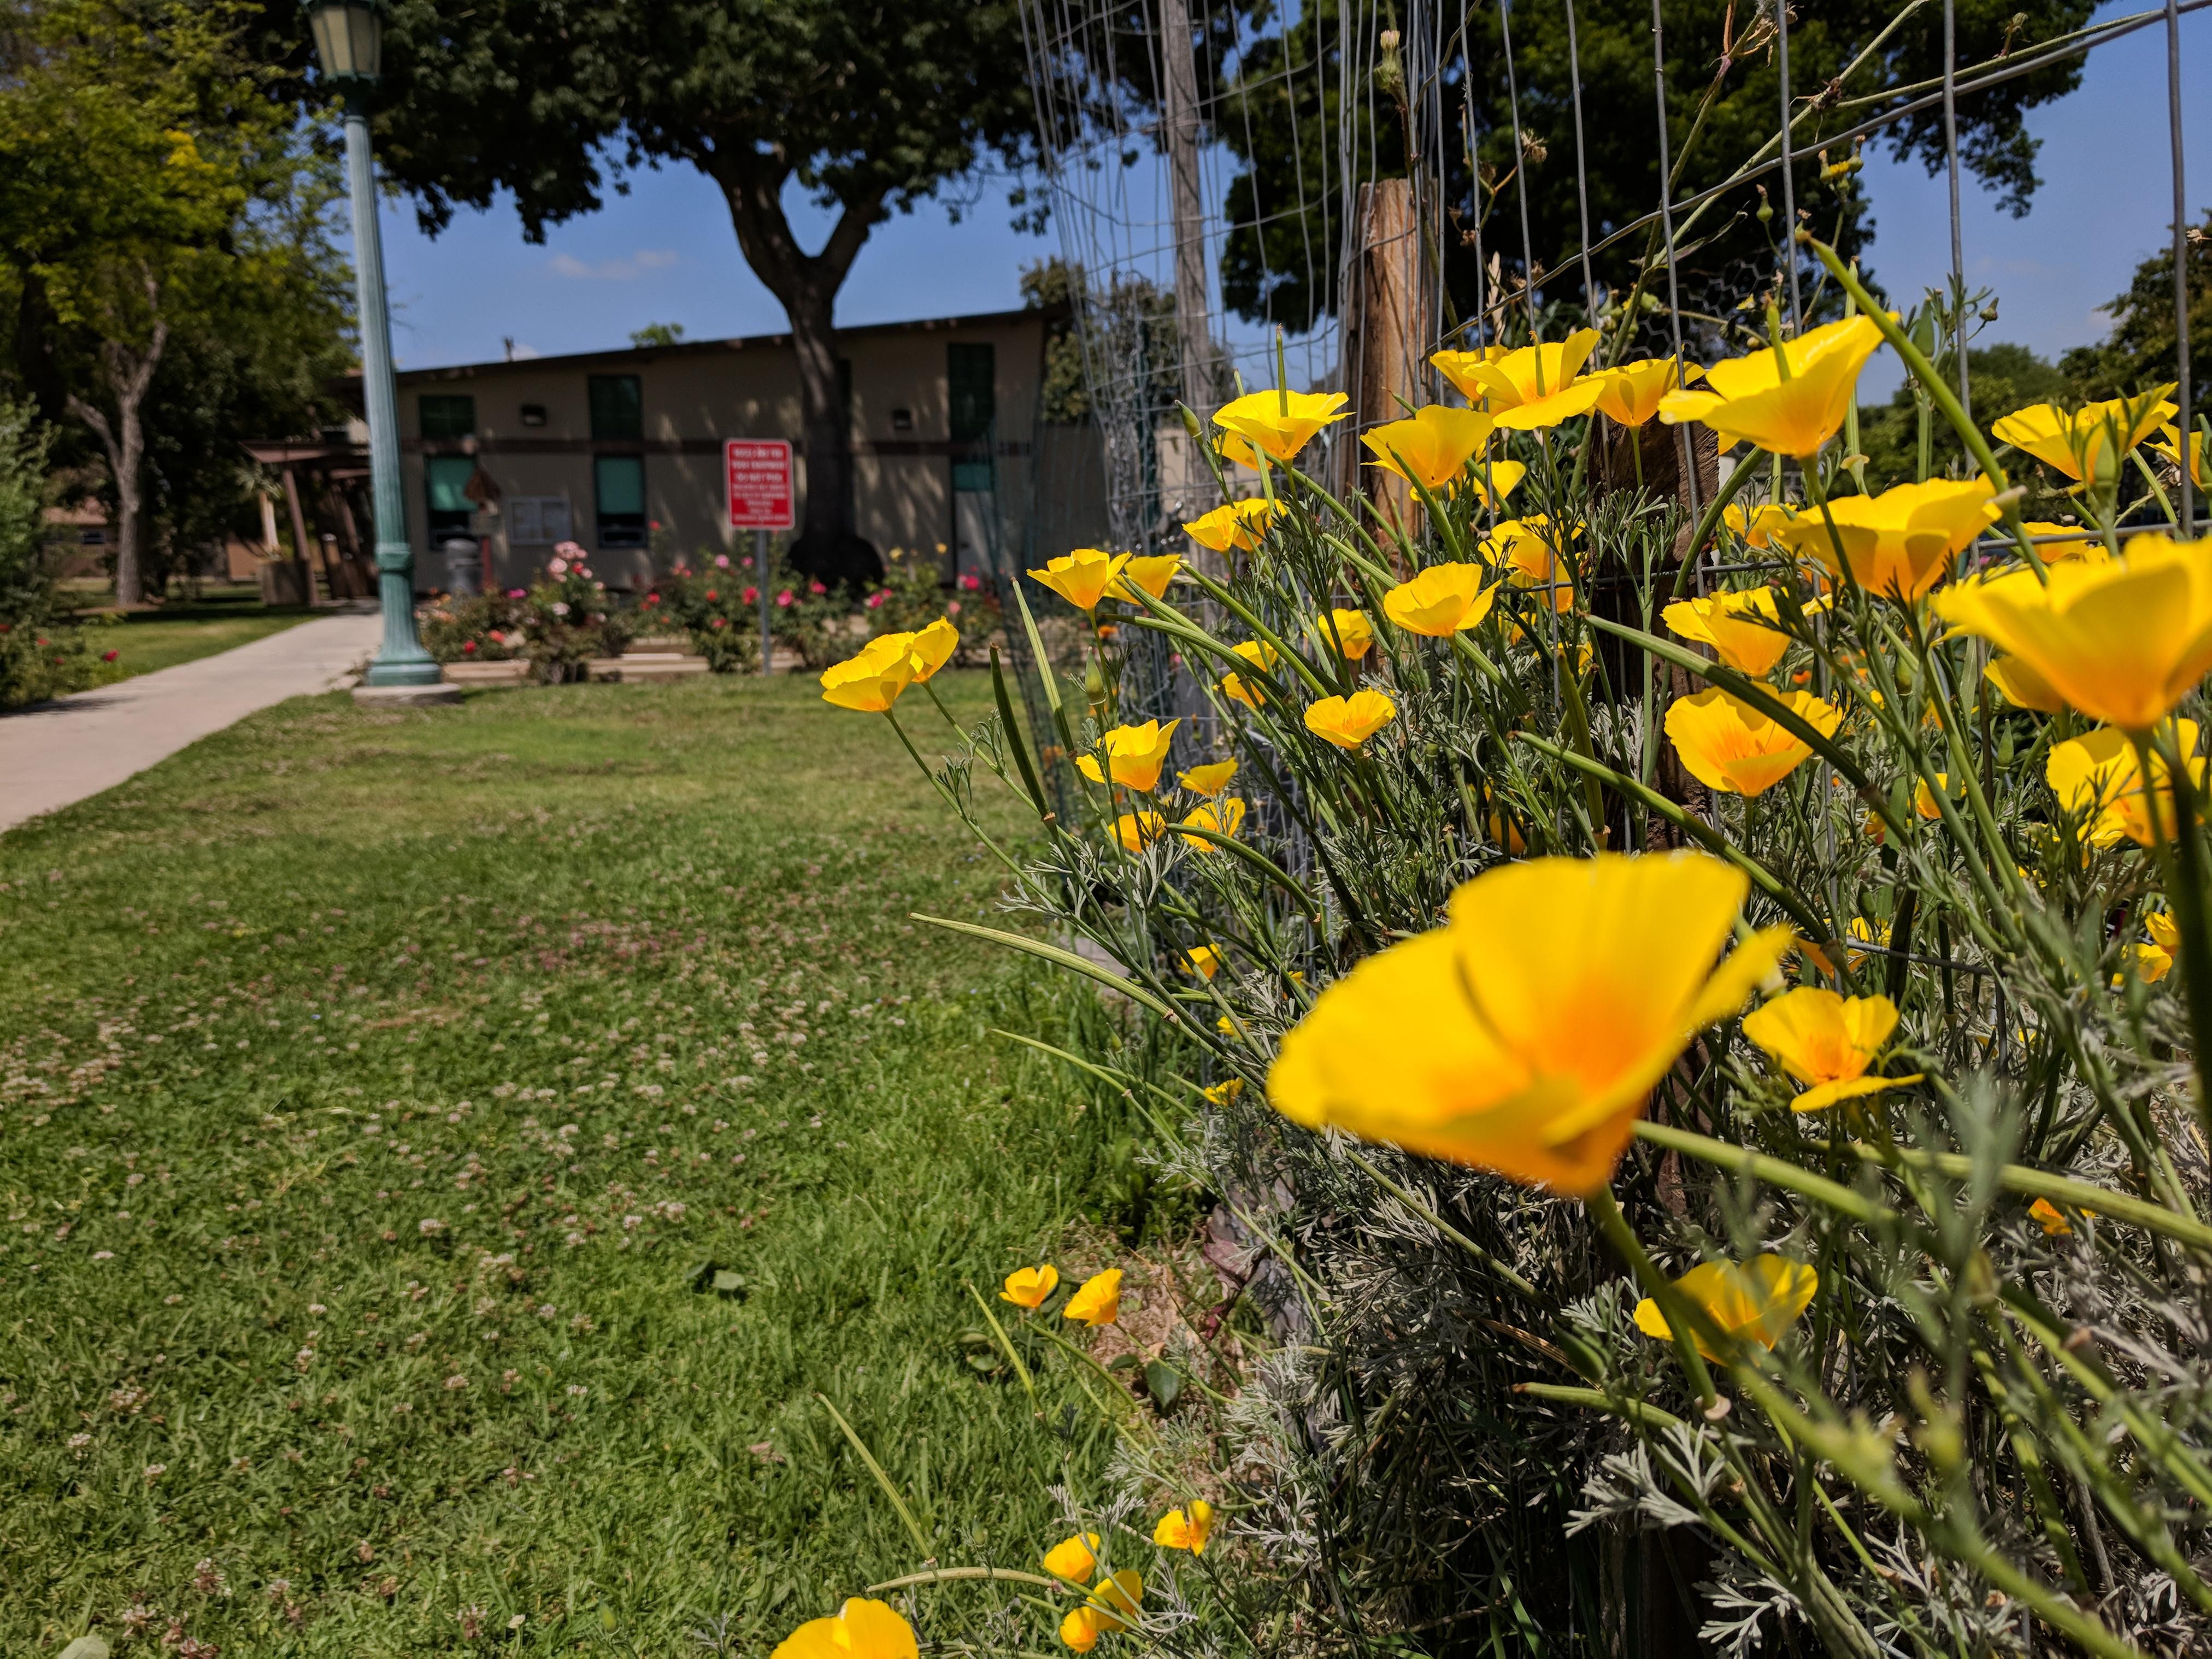 Southern California Garden Club